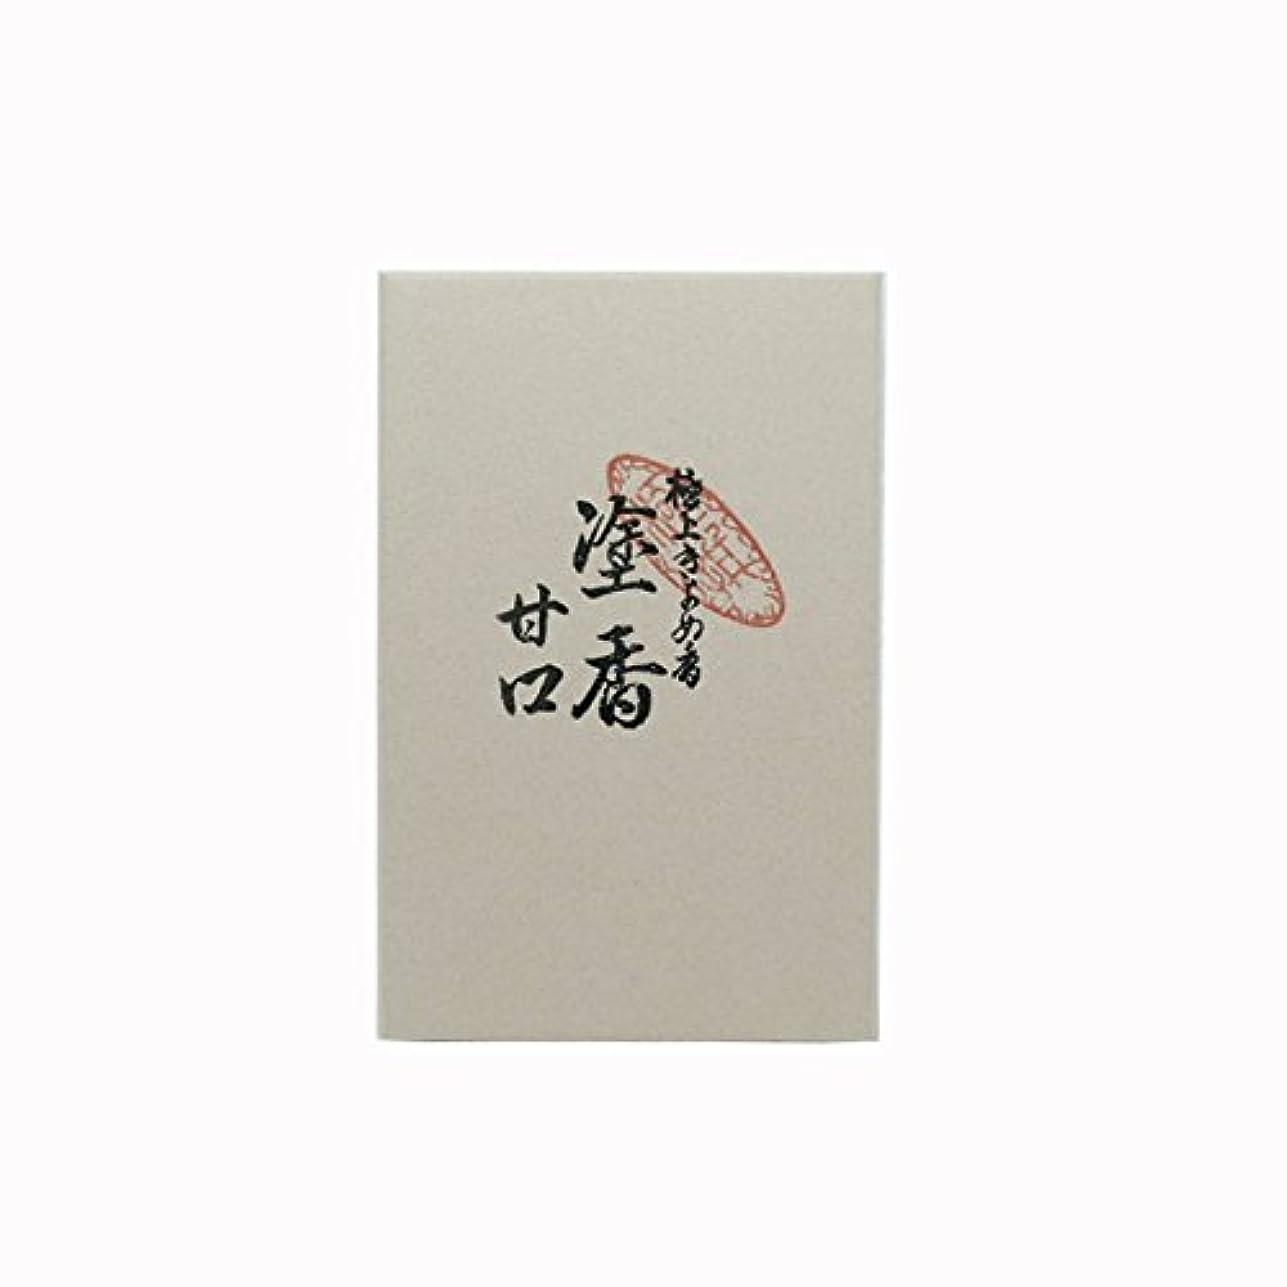 ラベル稼ぐカニ塗香(甘口) 12g入